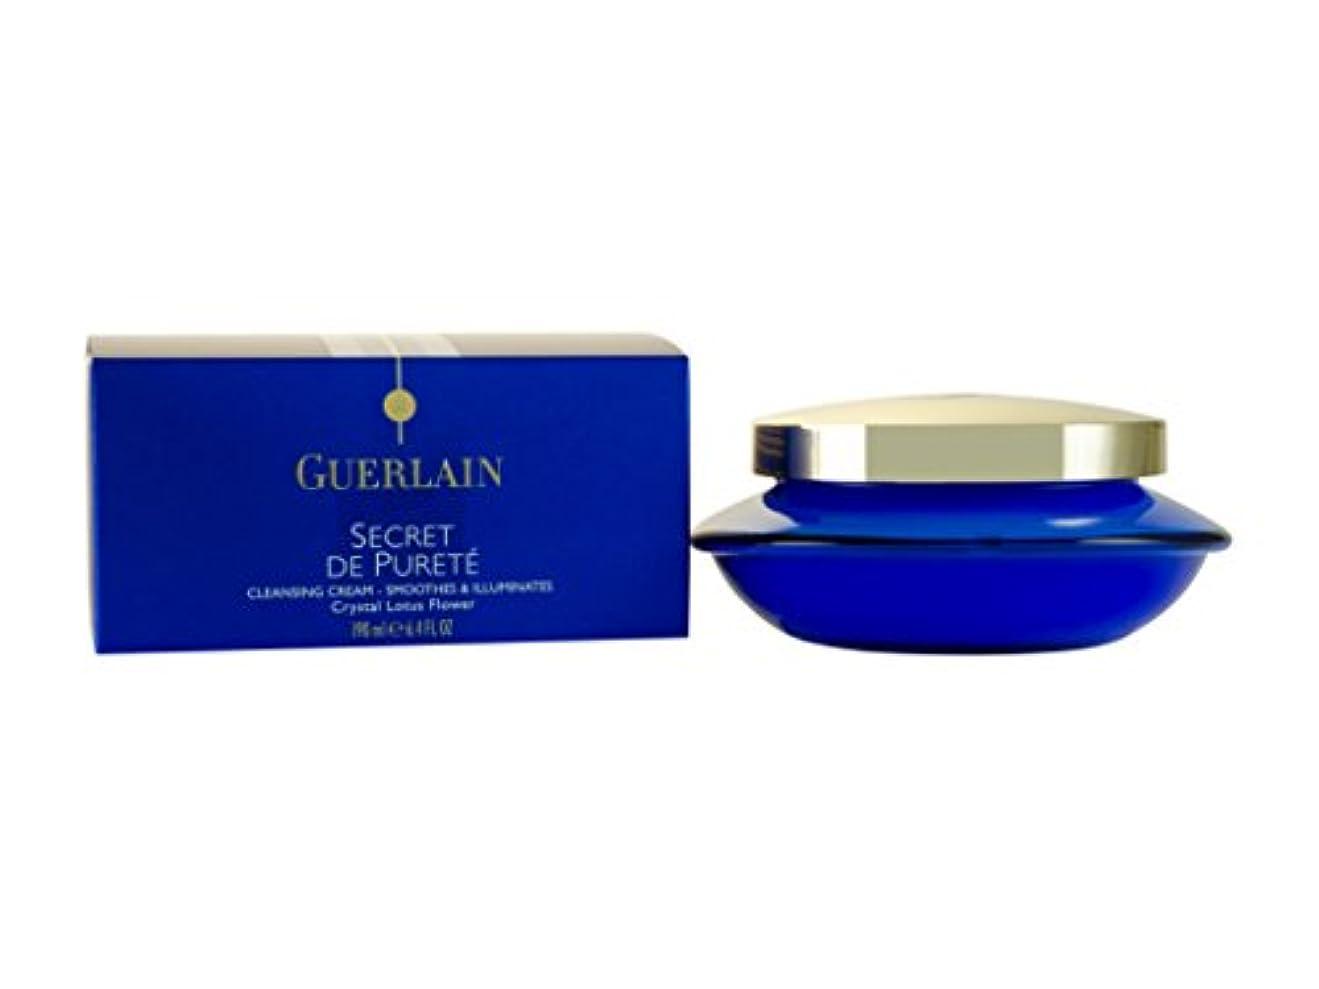 Guerlain(ゲラン) ゲラン シークレット ピュリティ クレンジング クリーム SP 190ml クレンジング(メイク落とし) 内容量 190ml (1124404)